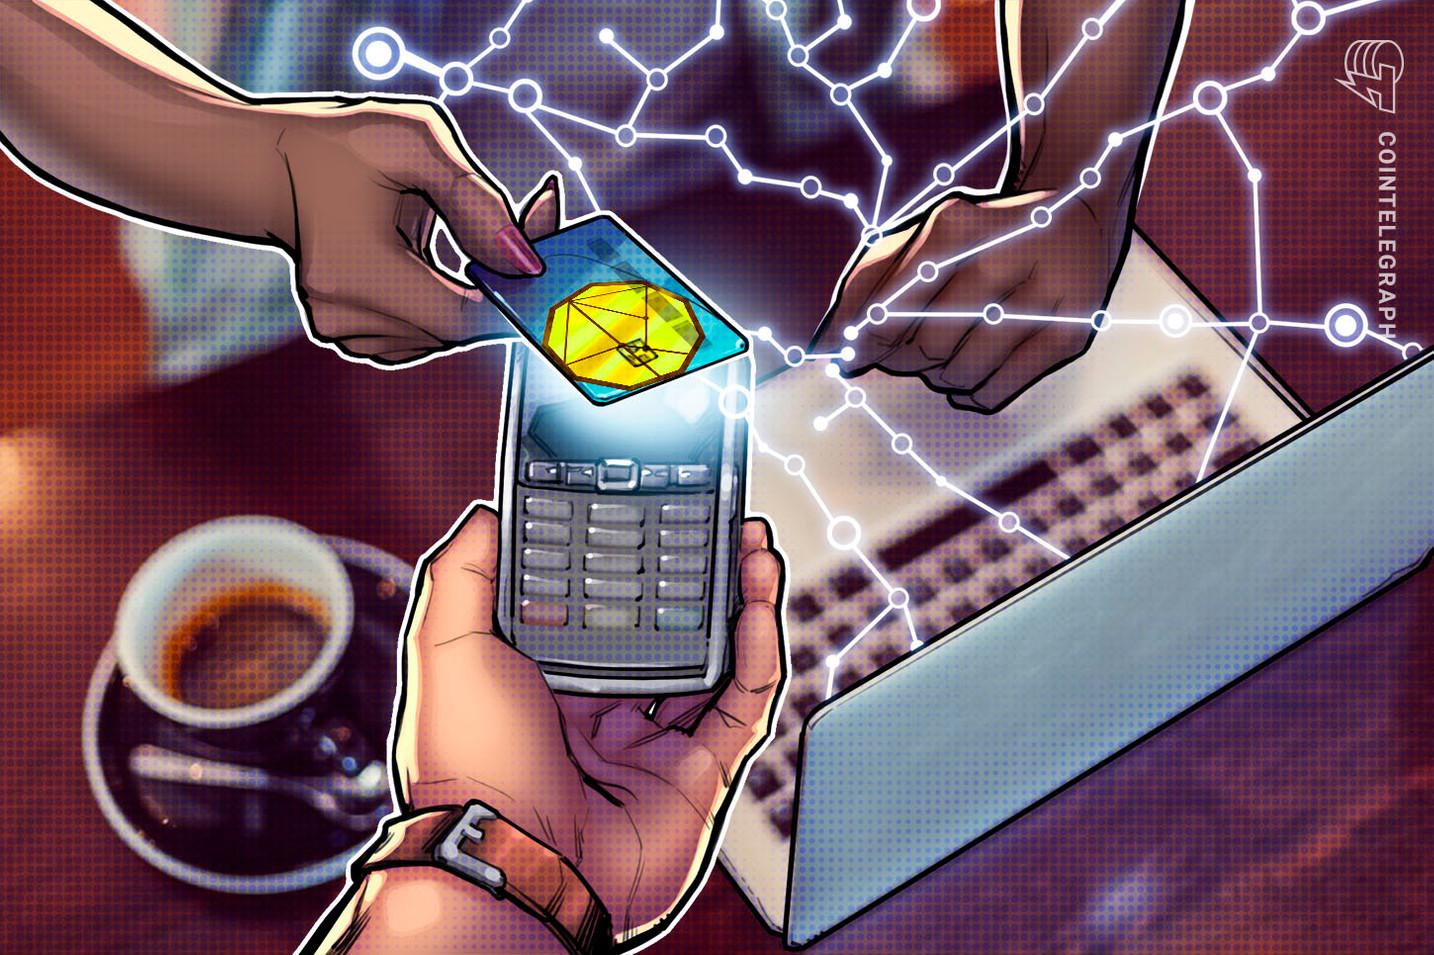 Tutti i vantaggi di 2gether, l'app per comprare criptovalute con carta Visa integrata